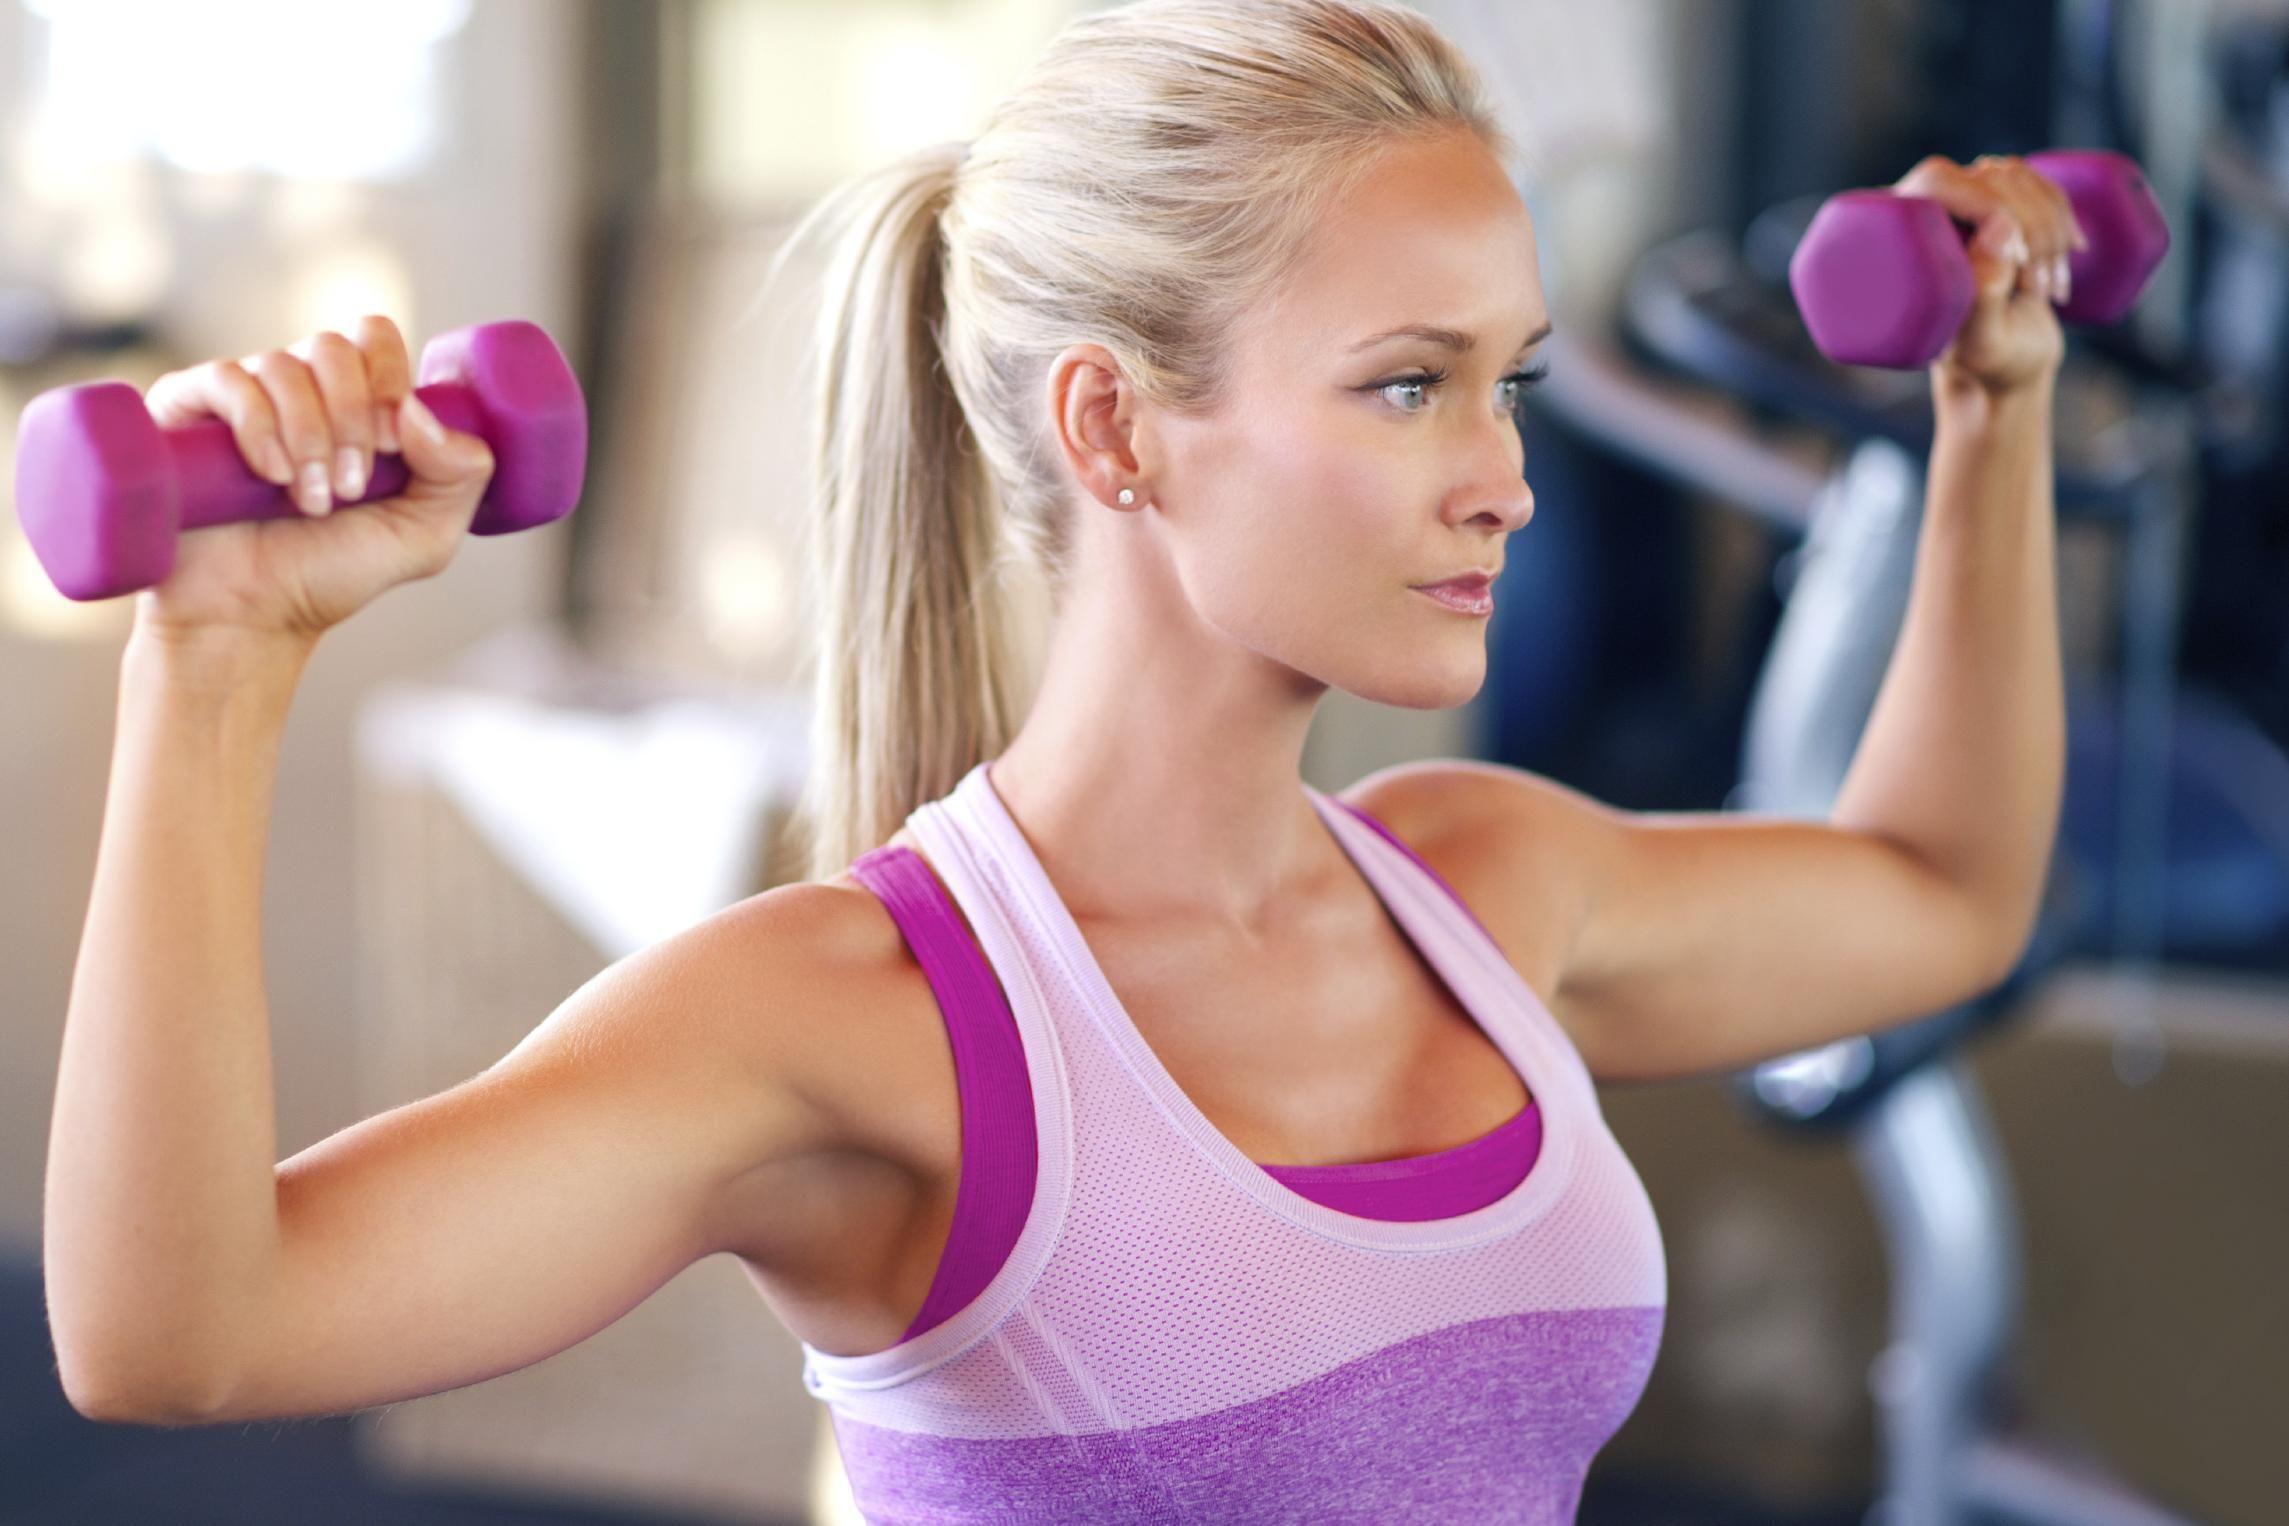 Muscler ses bras - Exercices de musculation des bras pour femme - Doctissimo 1f92a5d91a8